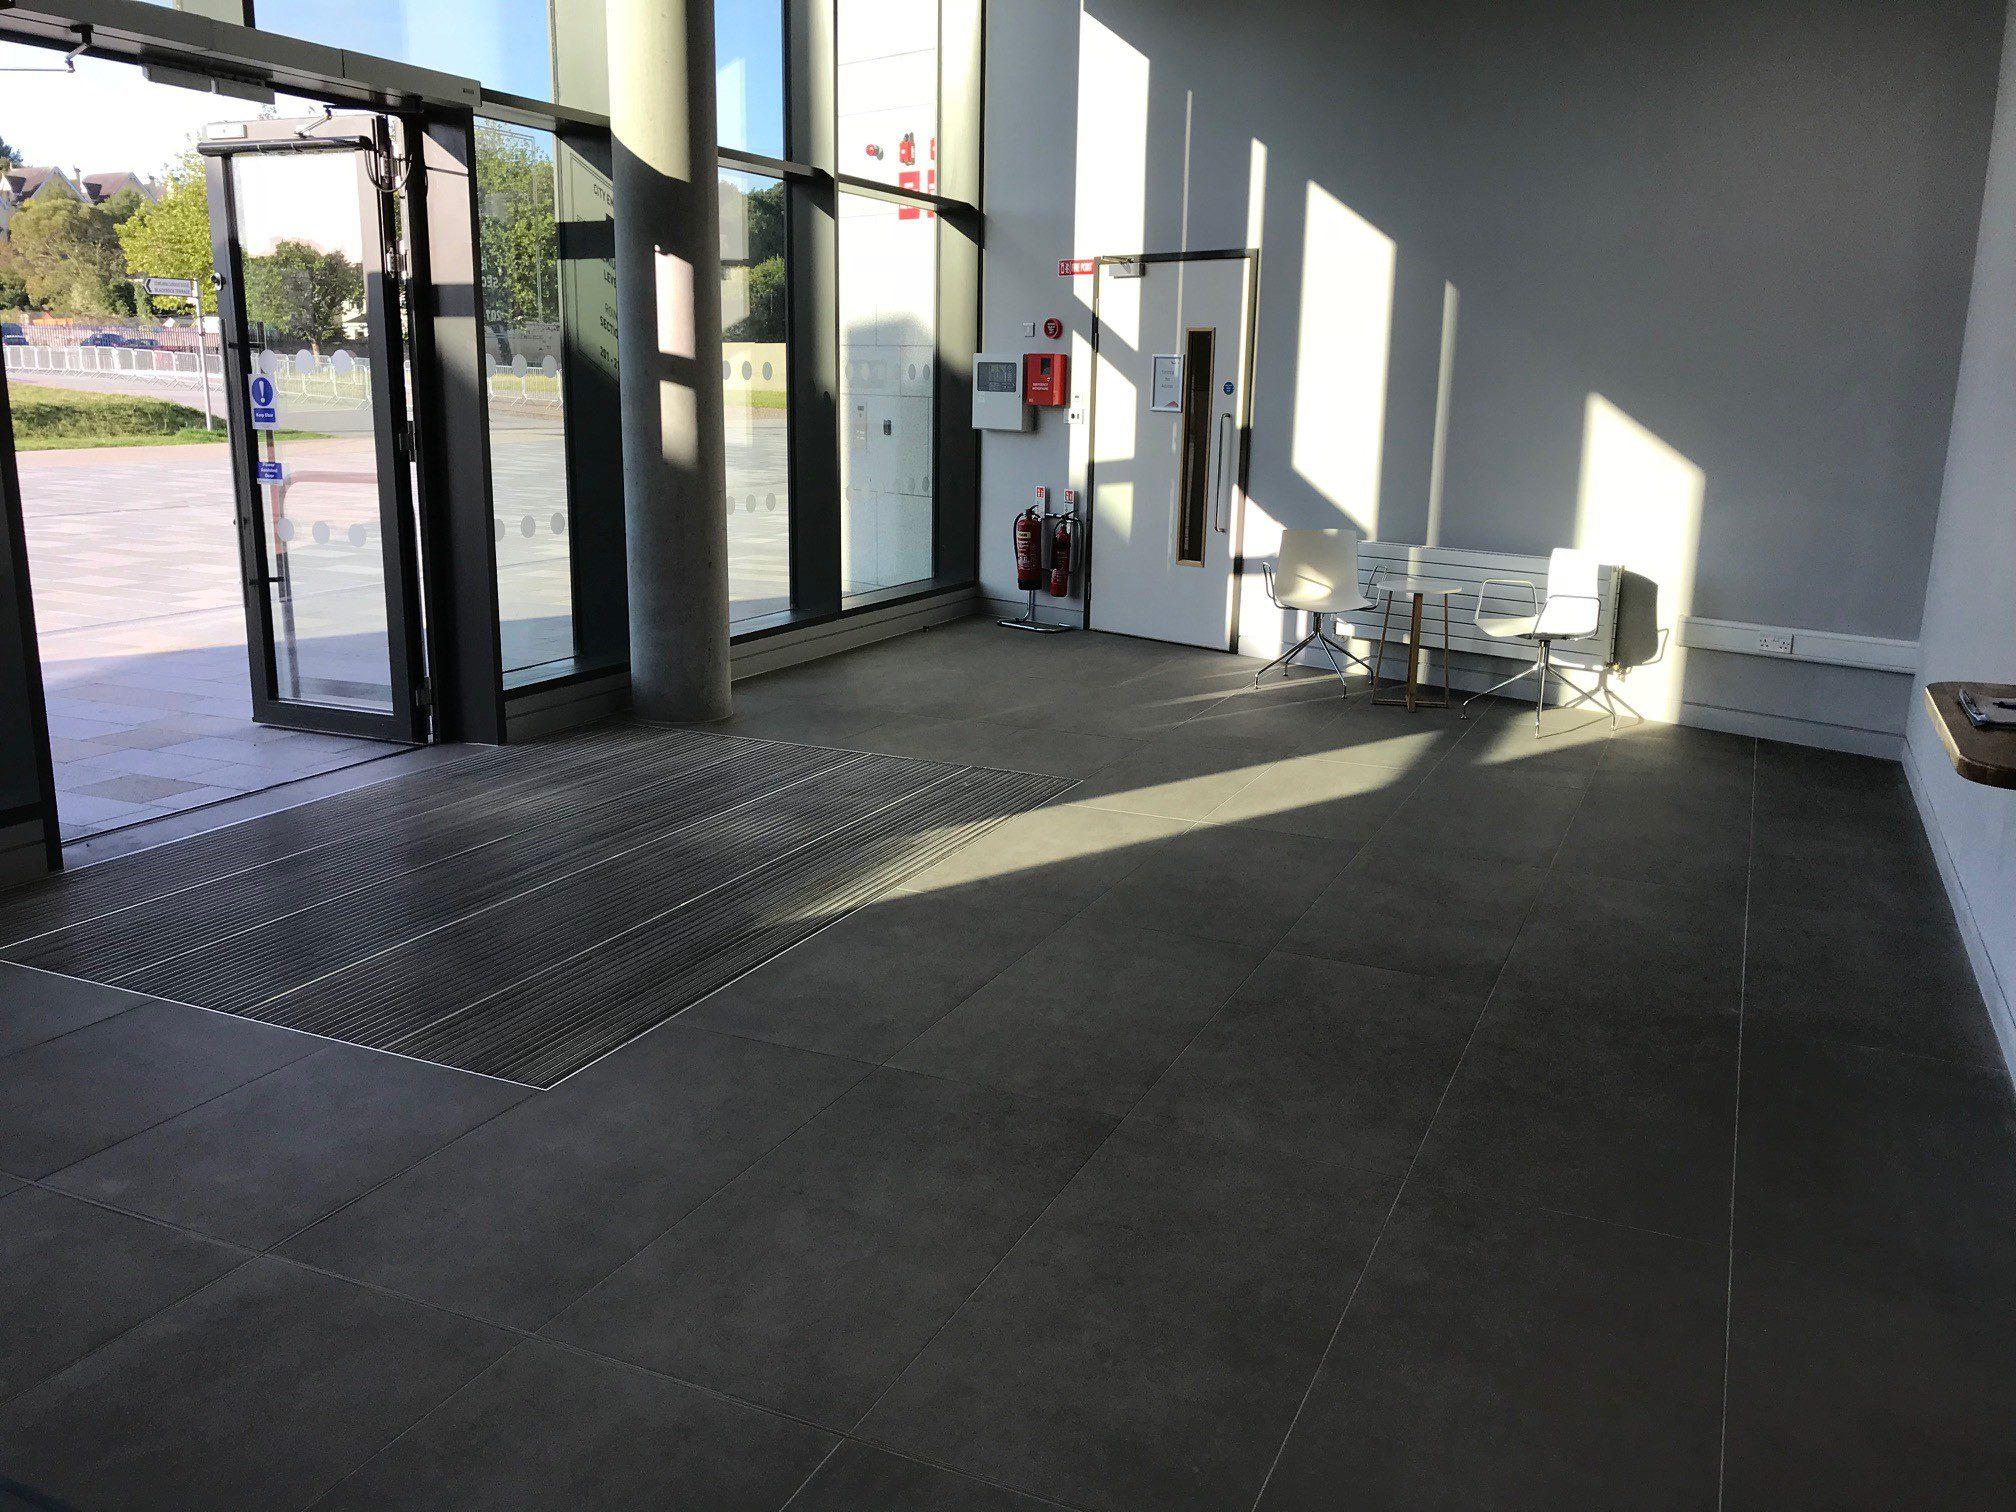 Páirc-Uí-Chaoimh-Stadium-Entrance-Tiles